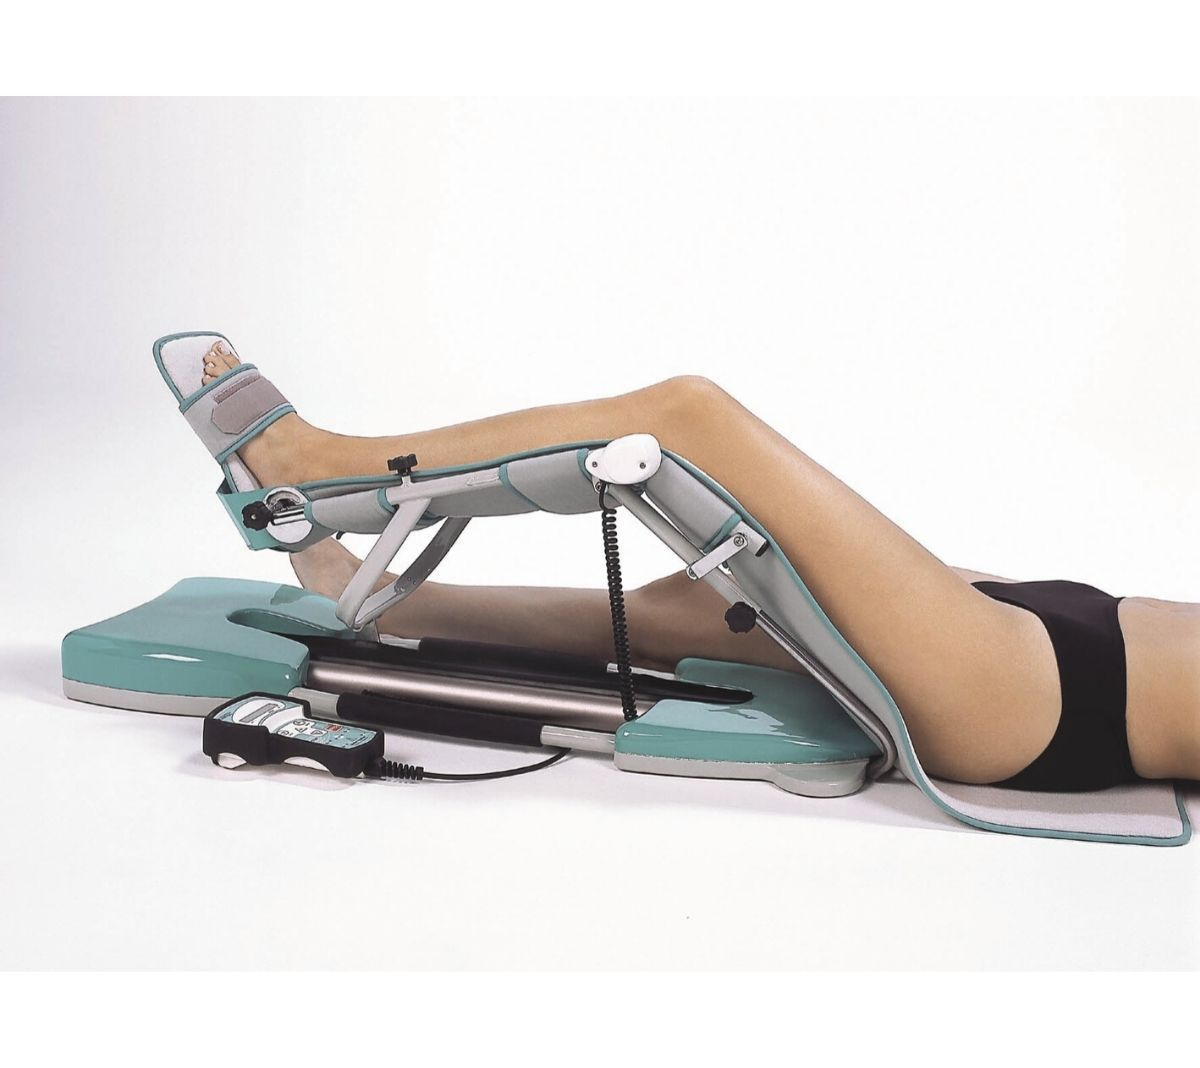 Kinetec ginocchio - Officine-Ortopediche.com